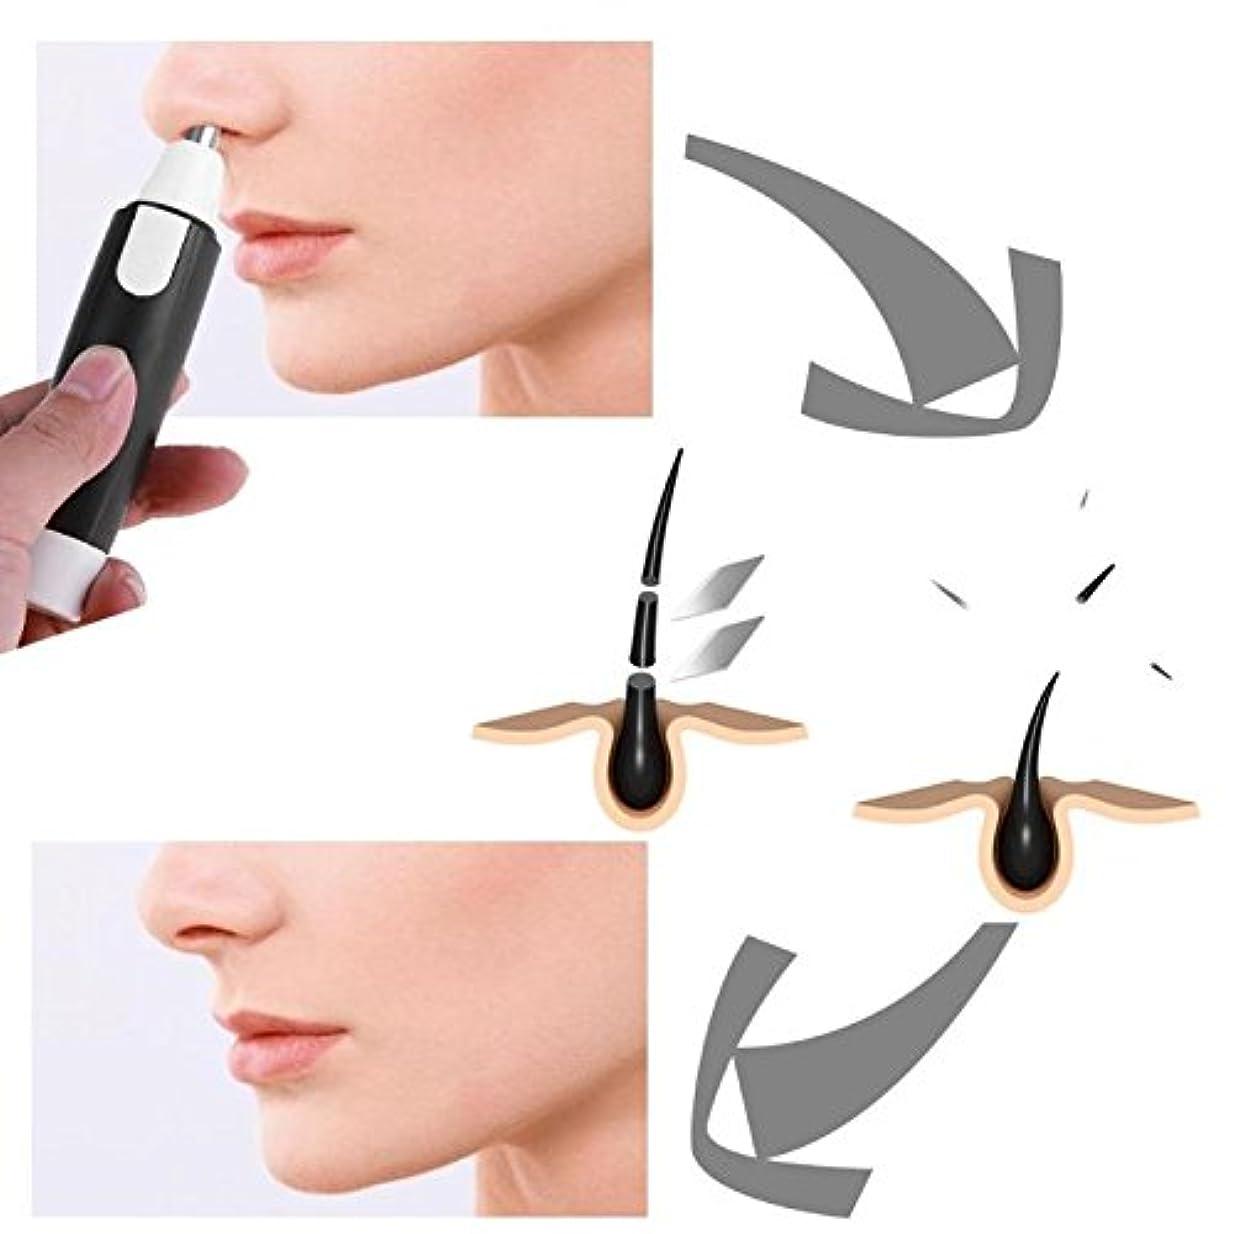 スナッチアルカイック右Electric Shaver Men Nose Face Care Hair Removal Trimmer Cleaner Tool Nasal Wool Implement Nose Hair Cut For Men...